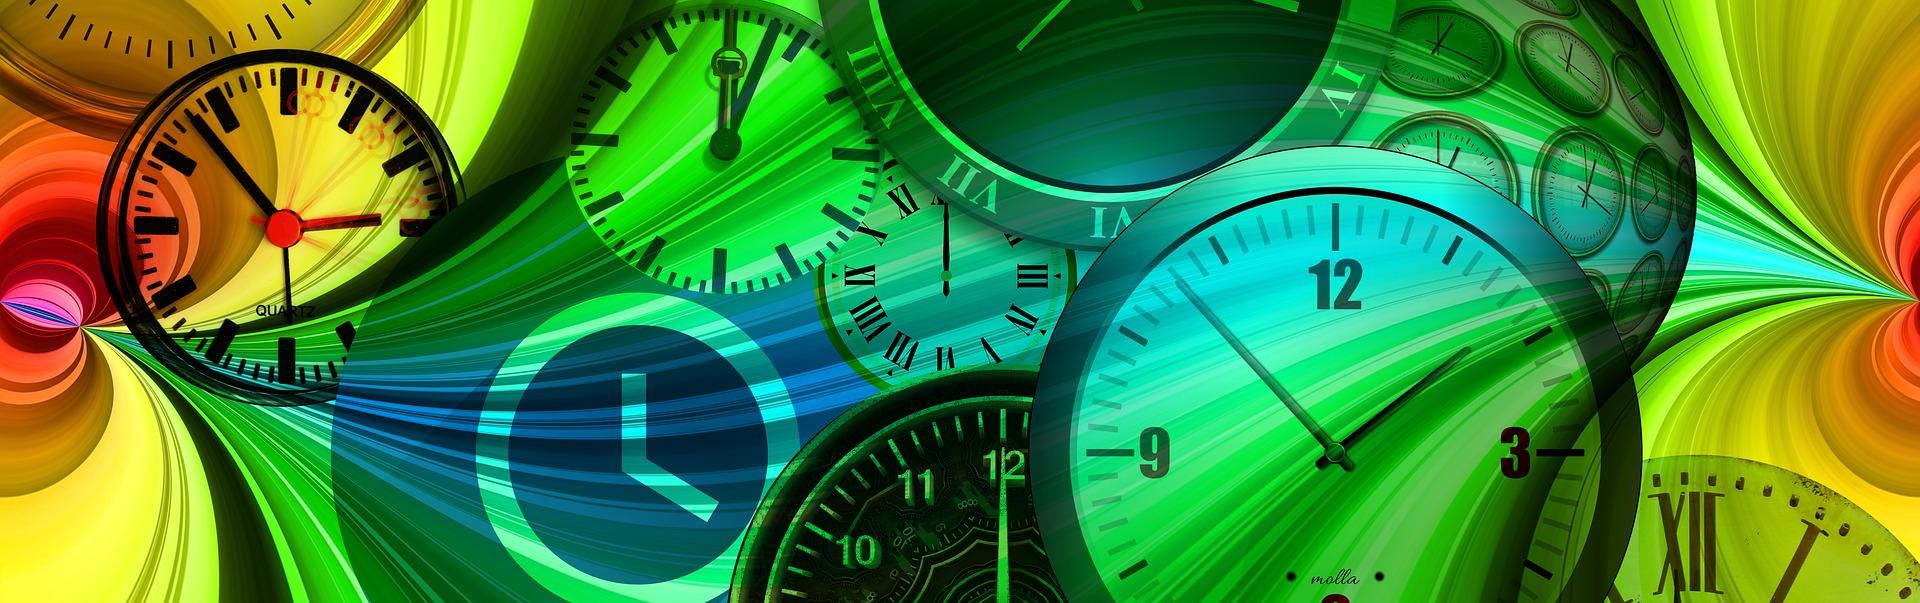 期間を表す時計